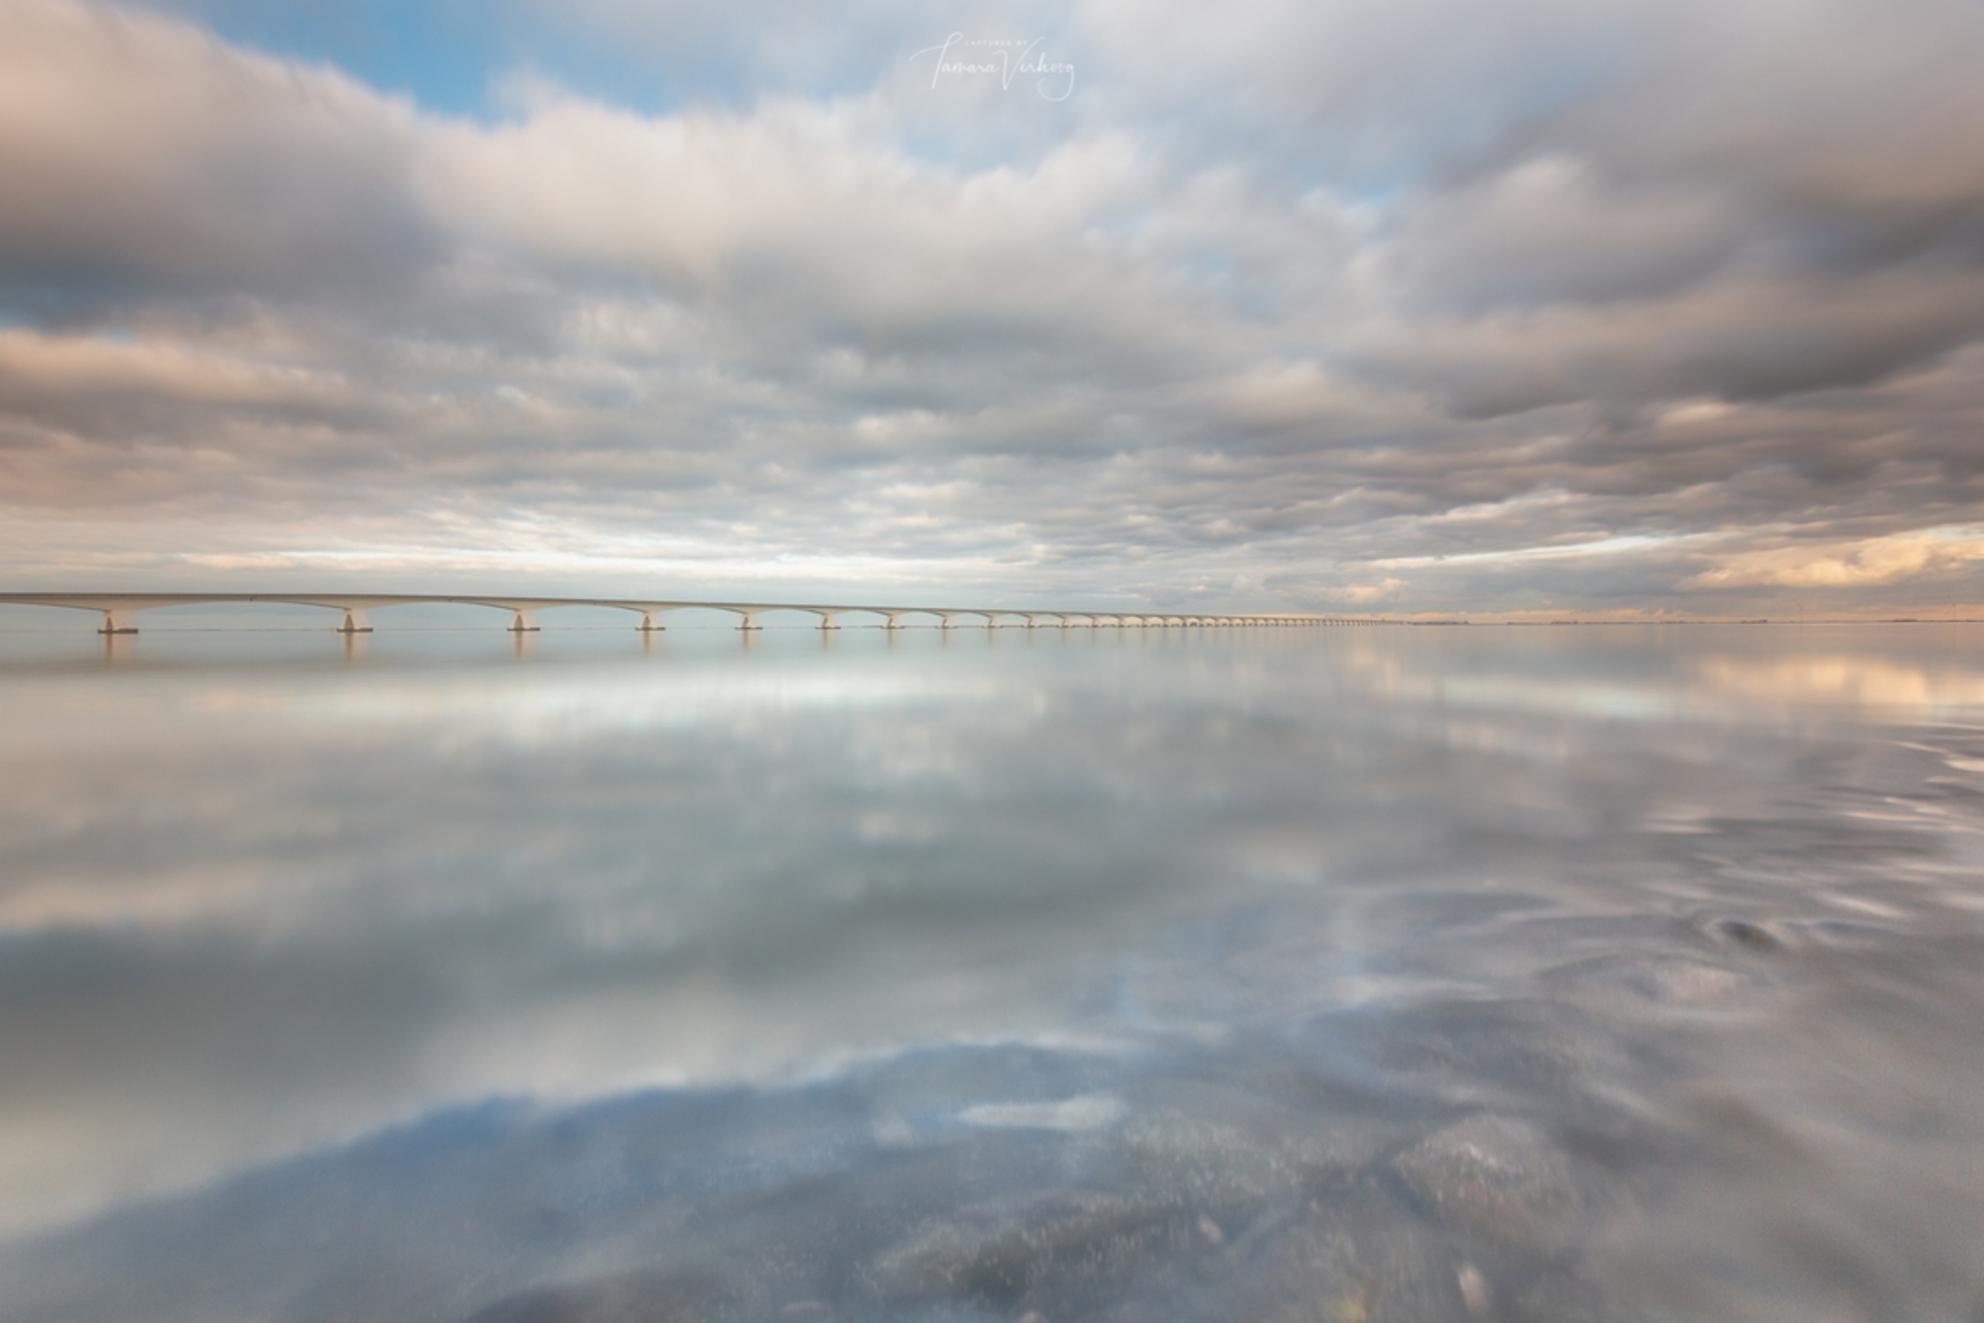 Zeelandbrug - Zeelandbrug, het was alweer een tijdje geleden. Wat een geluk met de weersomstandigheden. - foto door tamsanver op 27-12-2018 - deze foto bevat: lucht, wolken, zon, strand, zee, water, natuur, licht, landschap, zand, brug, kust, reflecties, zeelandbrug, lange sluitertijd - Deze foto mag gebruikt worden in een Zoom.nl publicatie